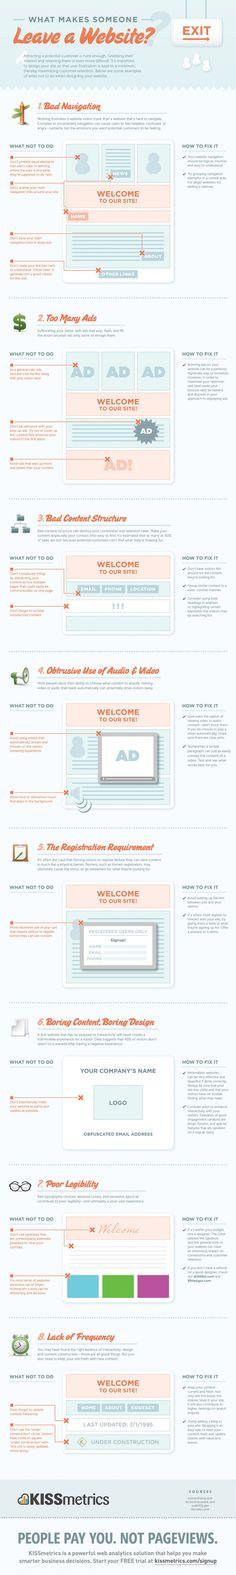 Hohe Absprungrate: Warum Besucher eure Website verlassen [Infografik]